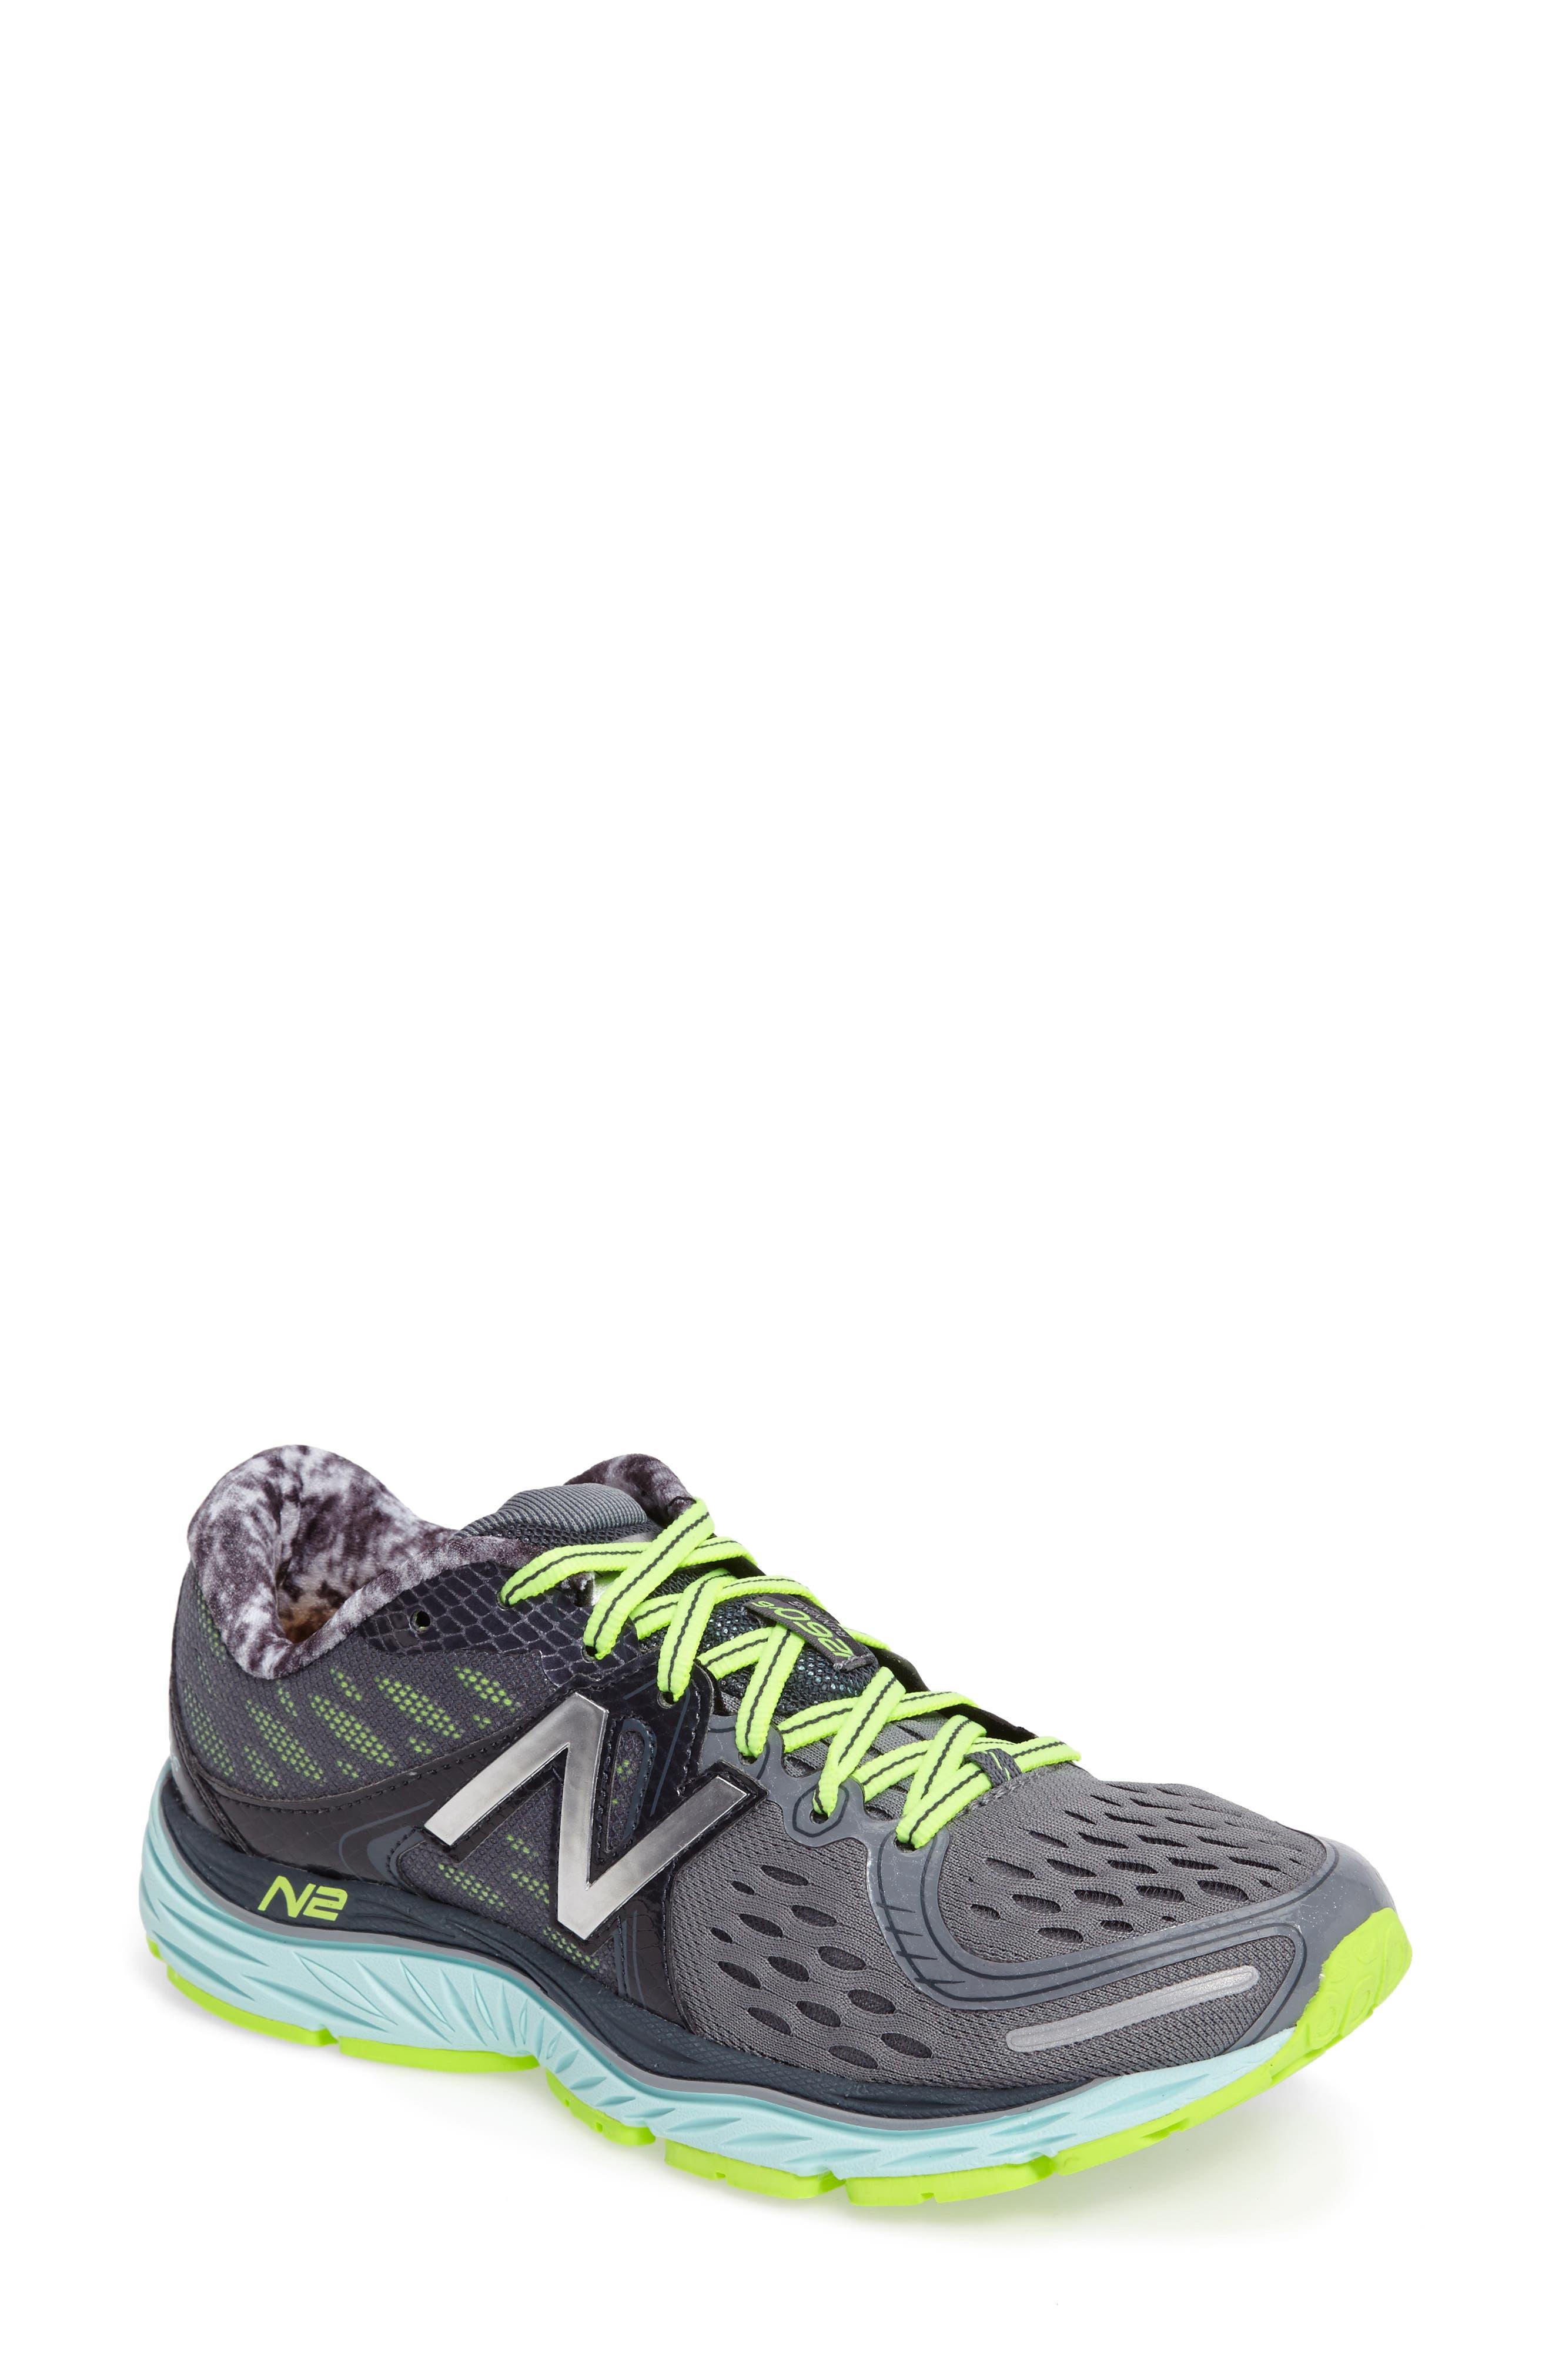 Main Image - New Balance 1260 v6 Running Shoe (Women)